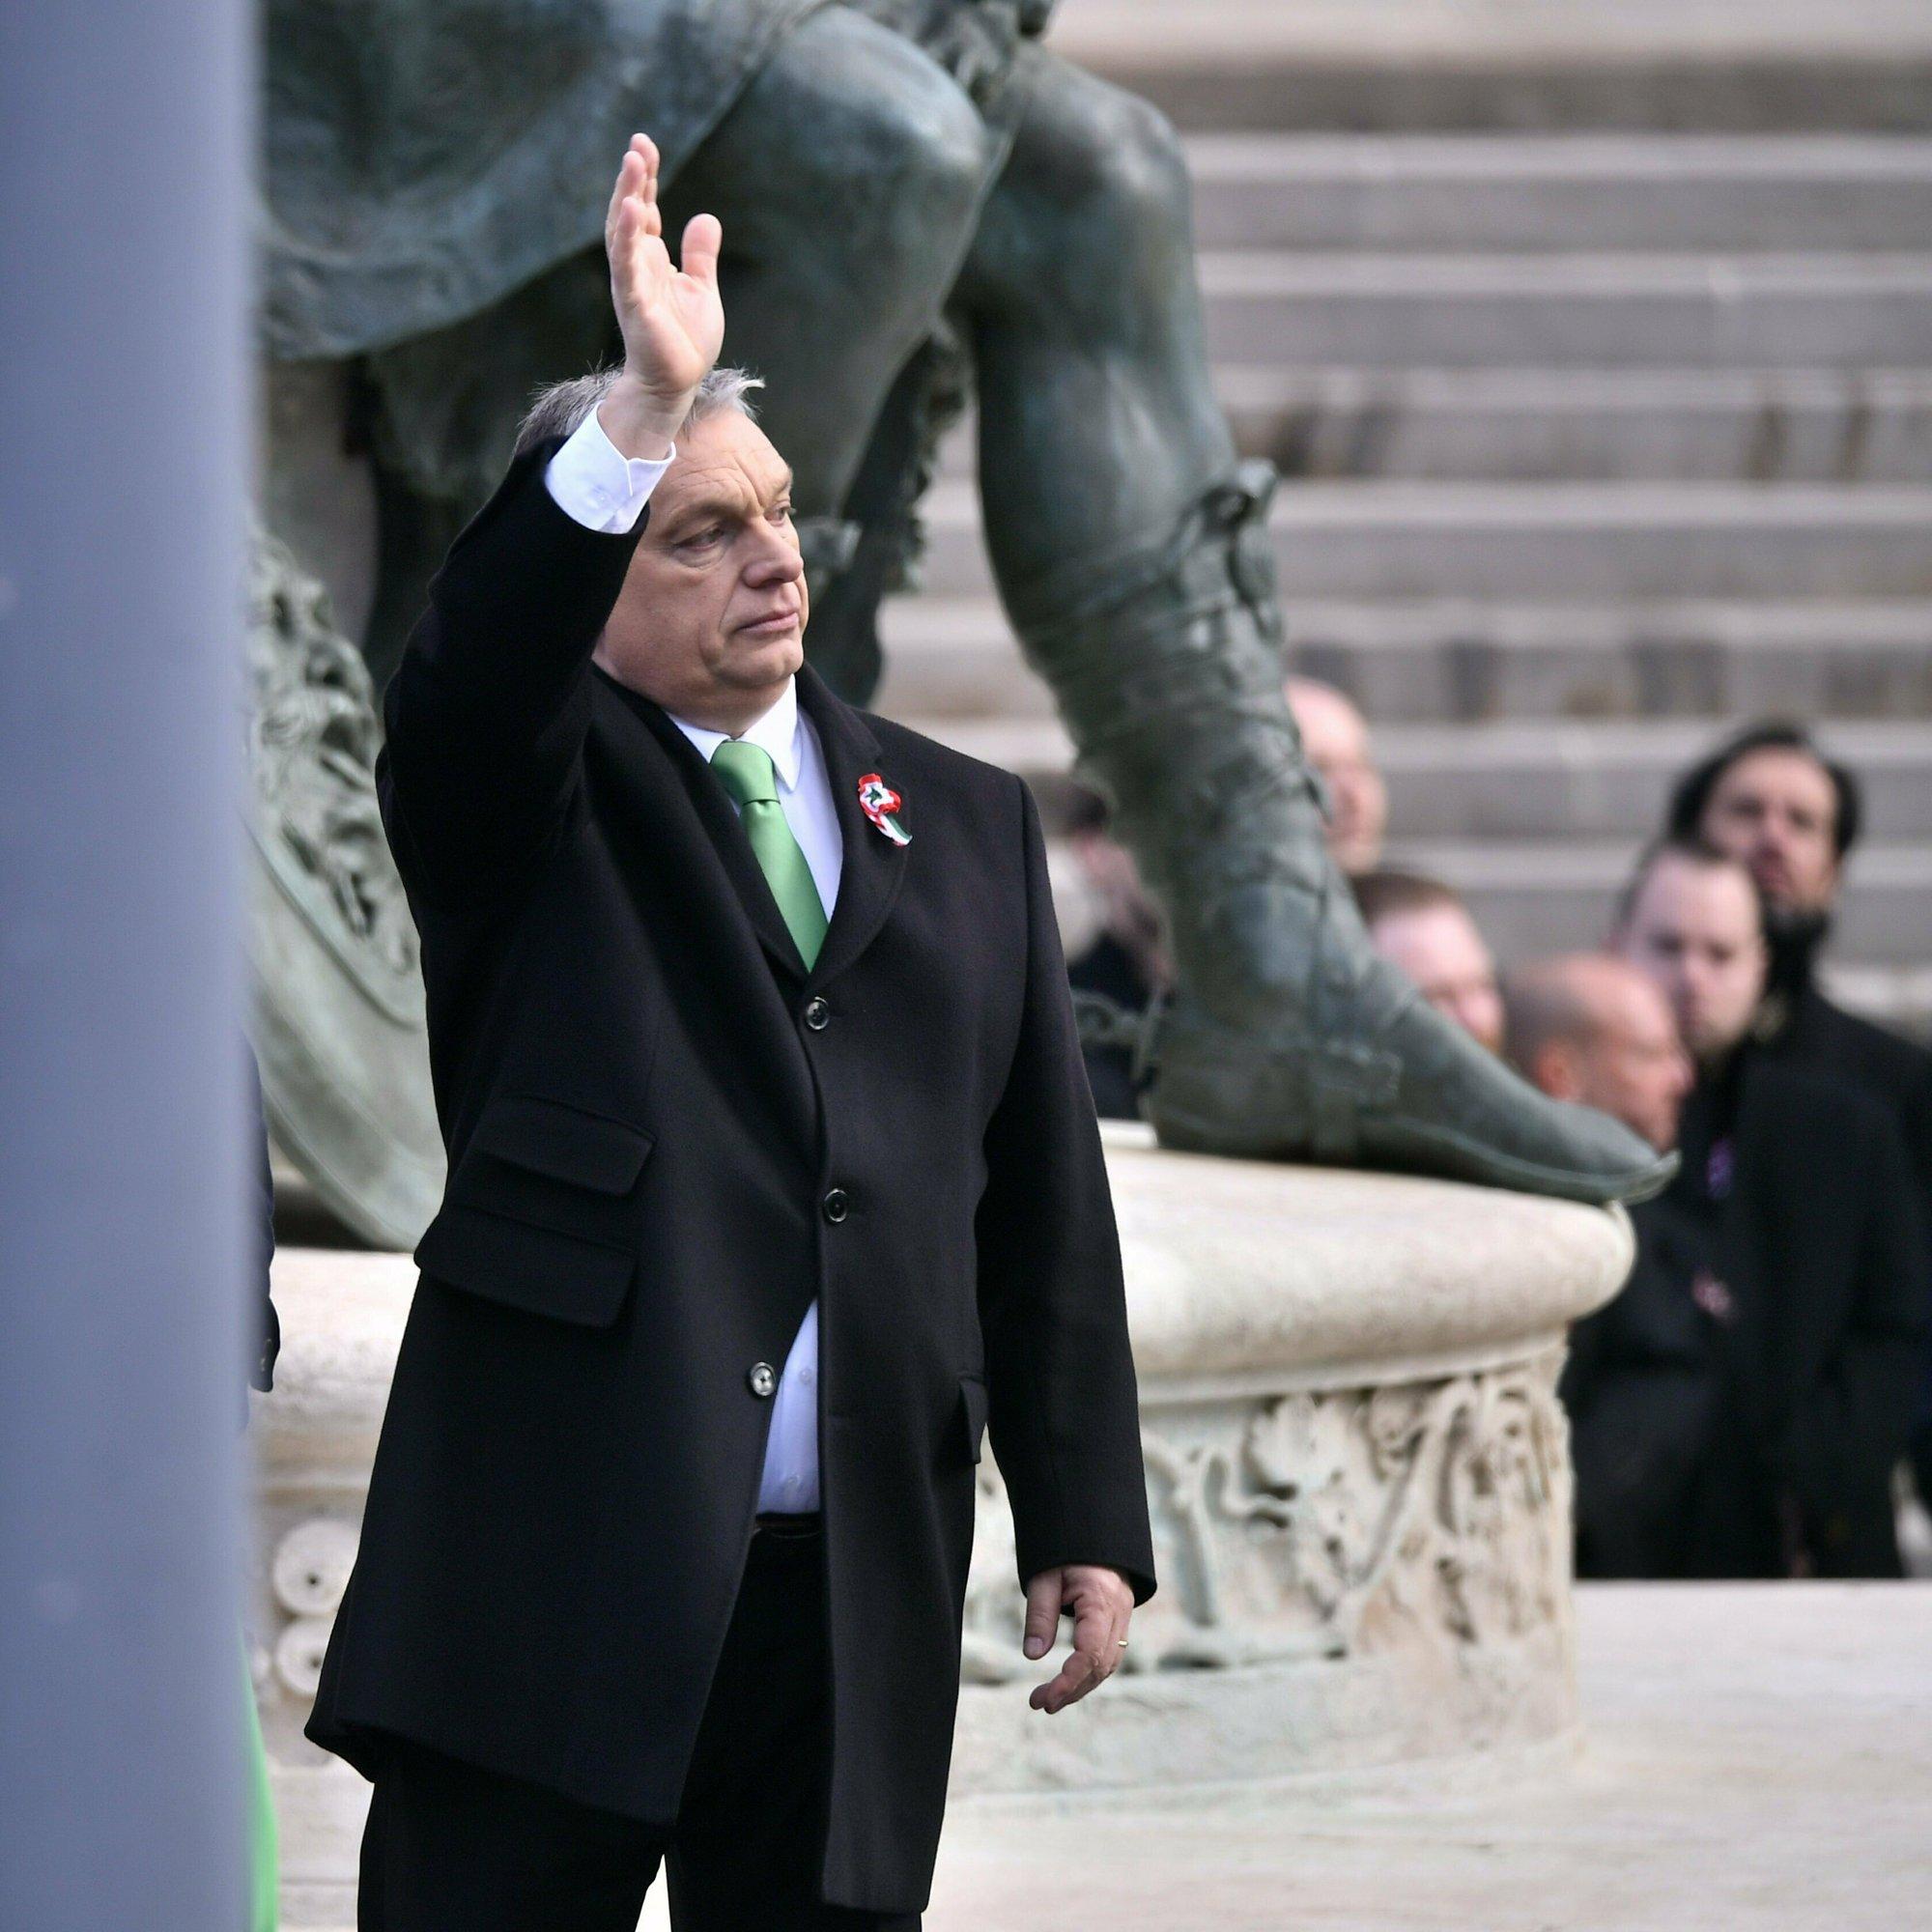 The Latest: EU Parliament bloc suspends Hungary's Fidesz